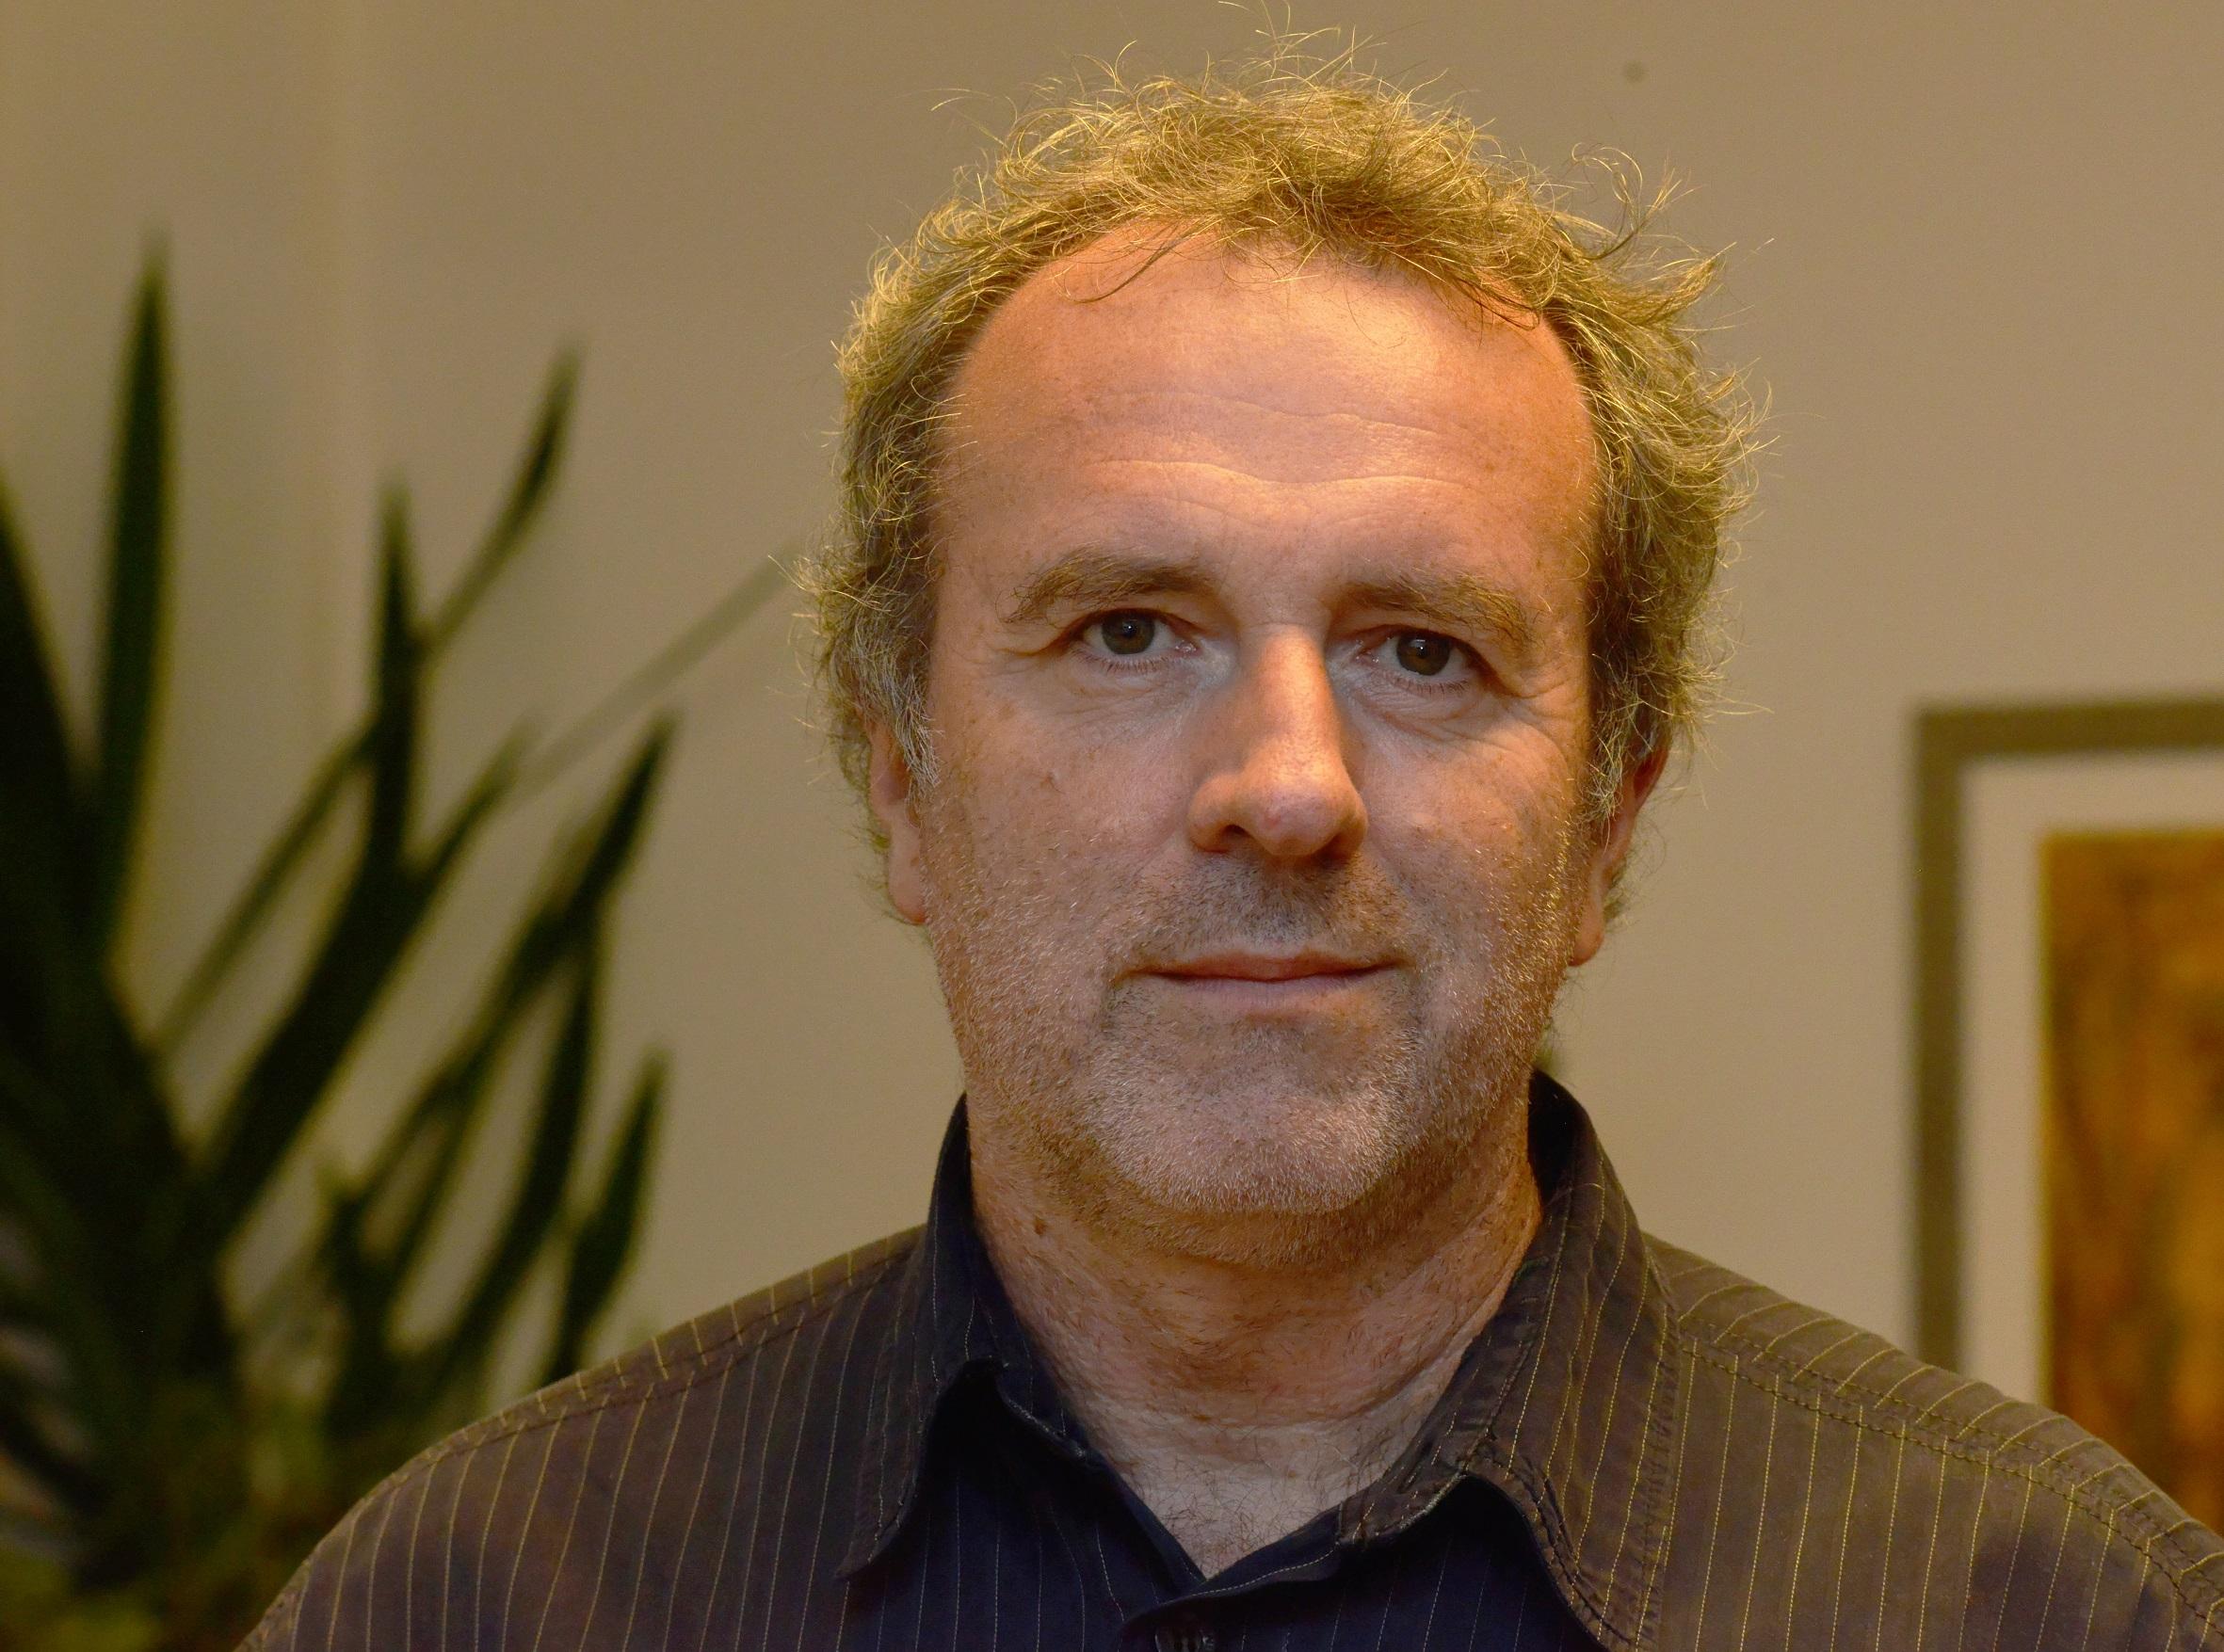 Robert Zöchling, Bezirksvorsteherin-Stellvertreter, Vorsitz Bauausschuss